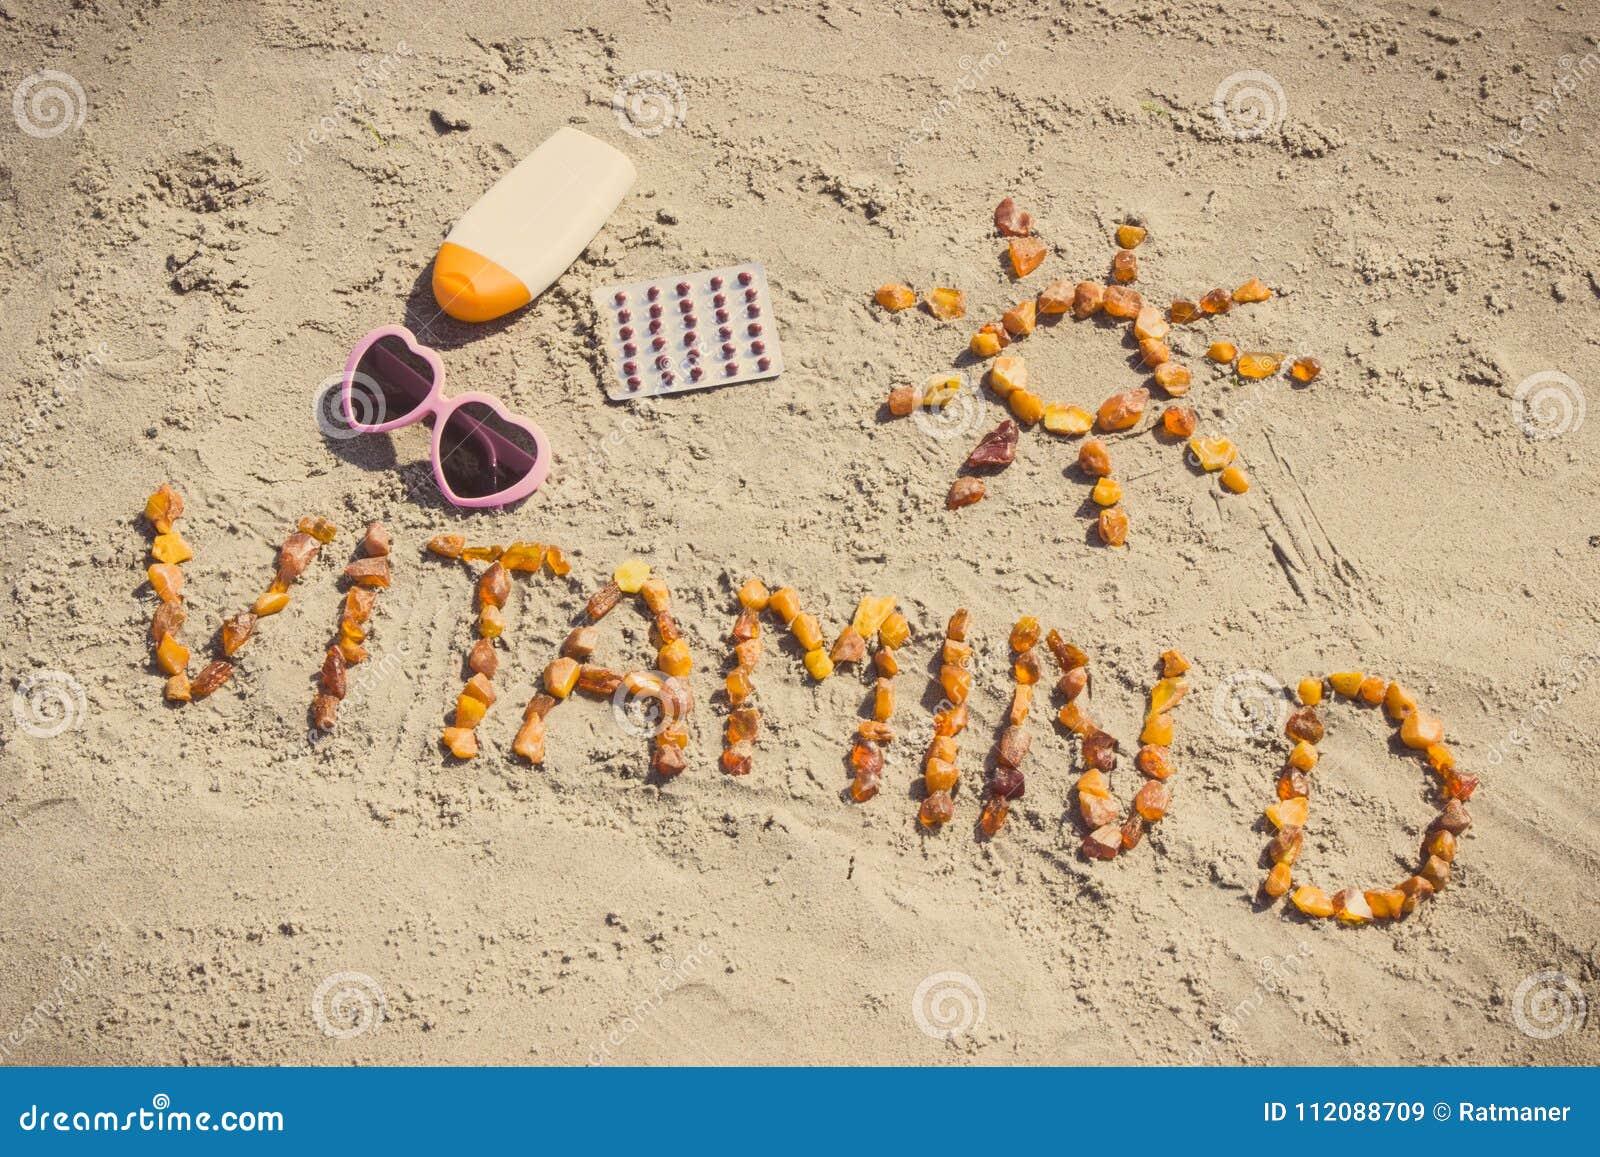 医疗药片、题字维生素D和辅助部件晒日光浴的,维生素D缺乏的预防的概念